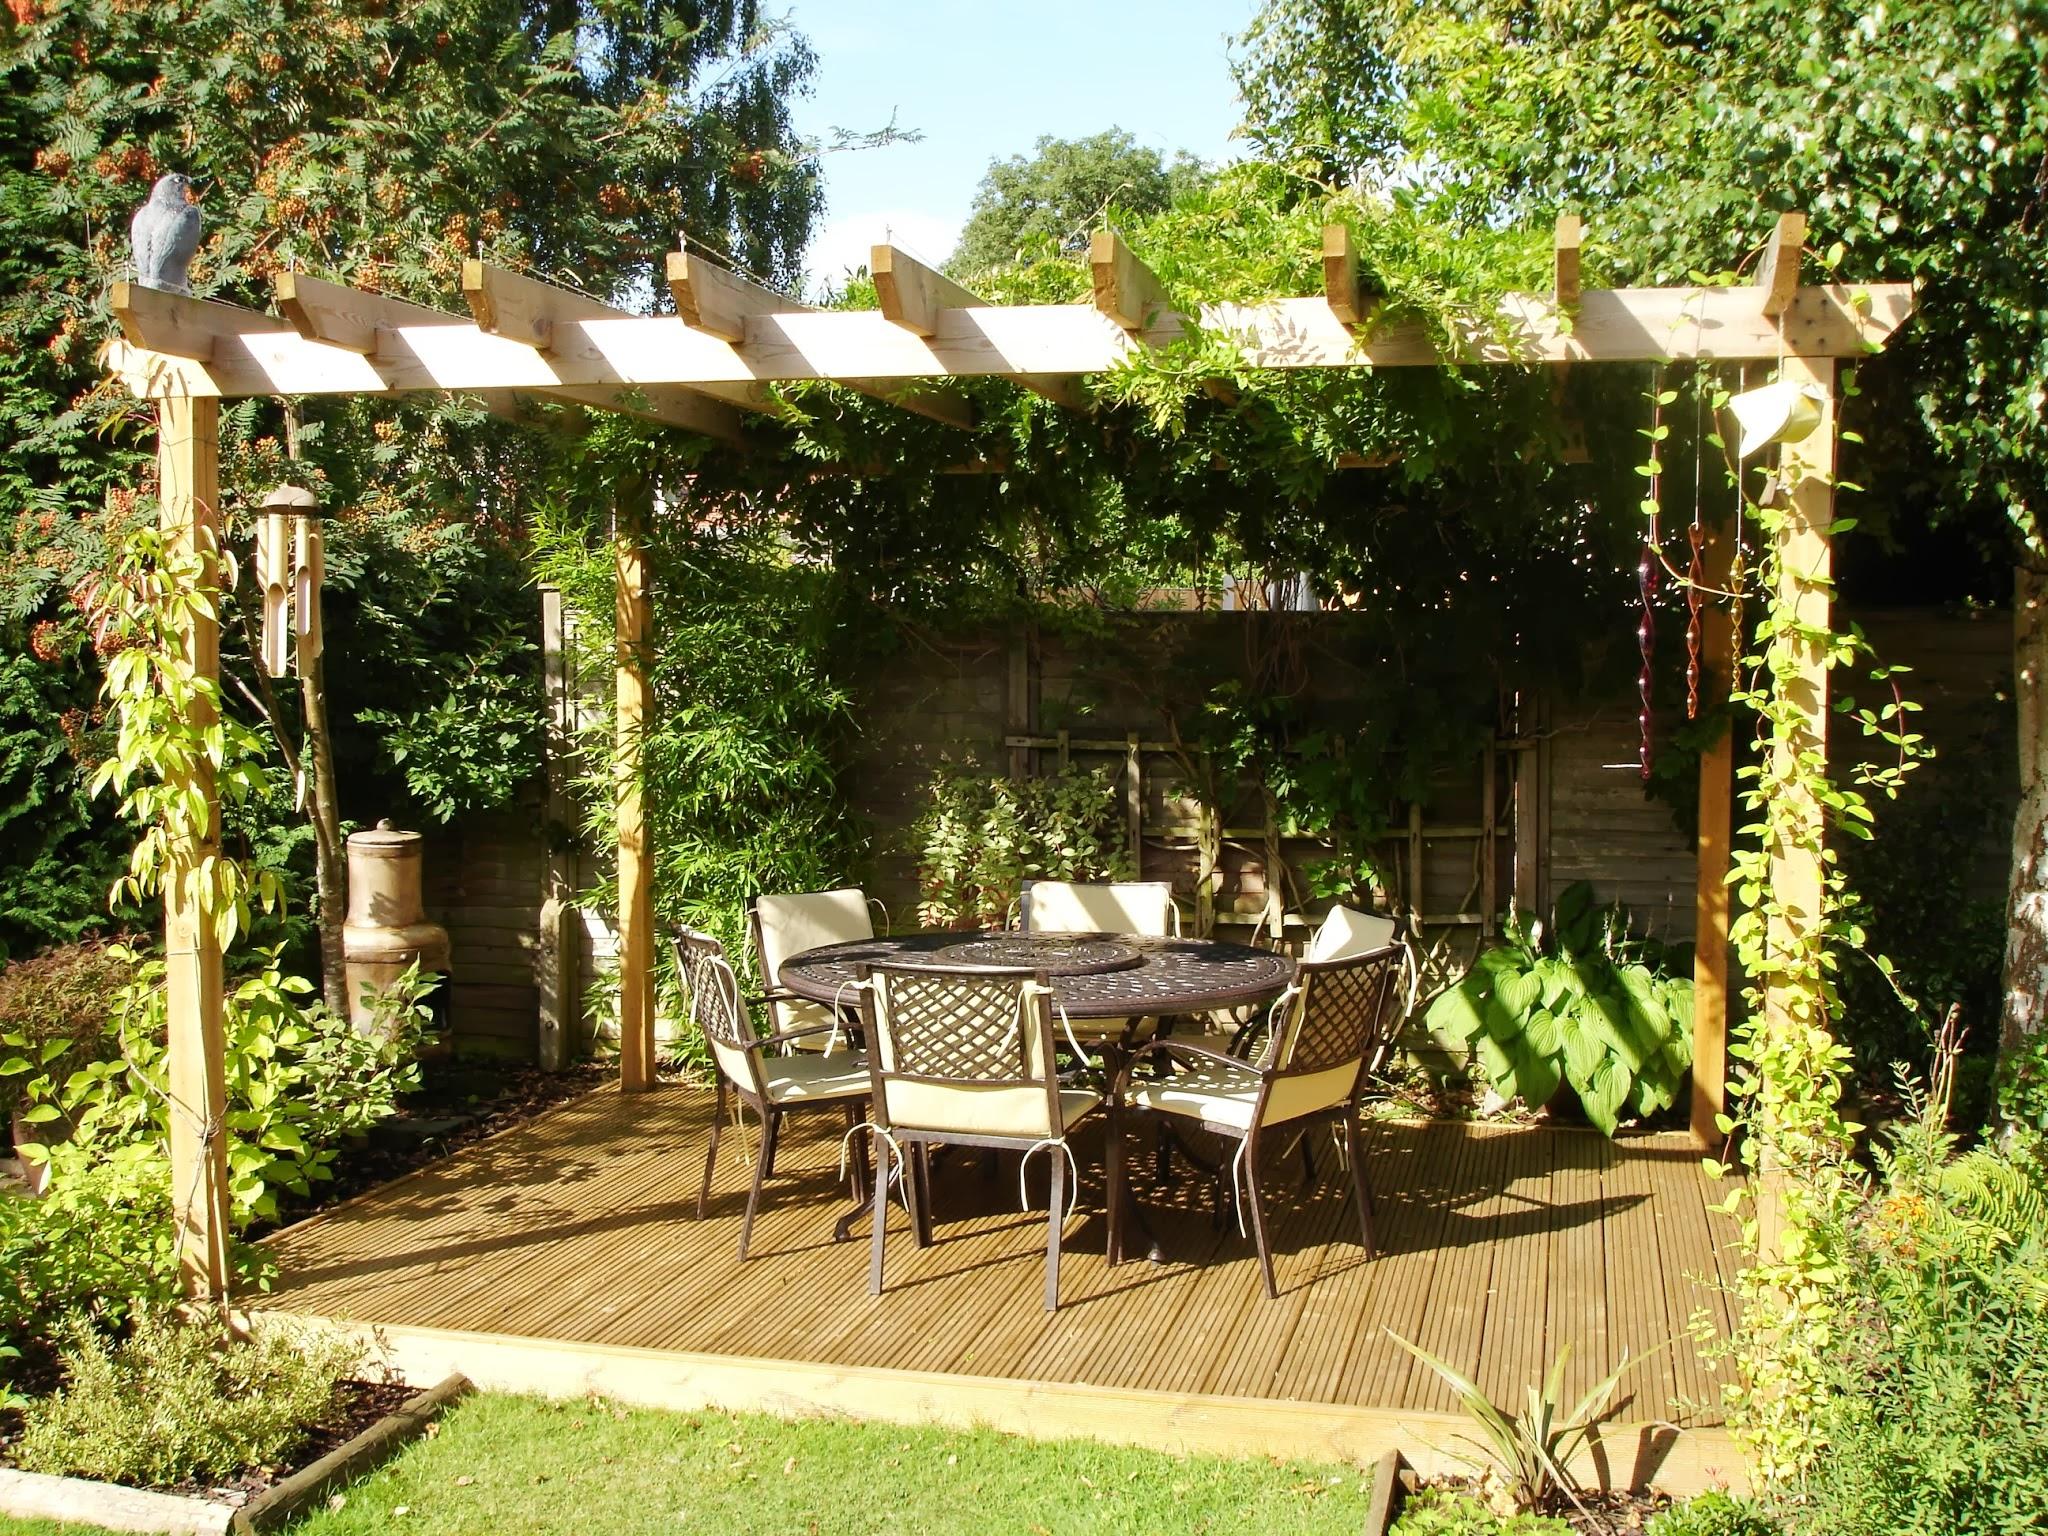 Le Blog De Lazy Susan | Meubles De Jardin, Déco Et Bons ... dedans Bon Plan Salon De Jardin